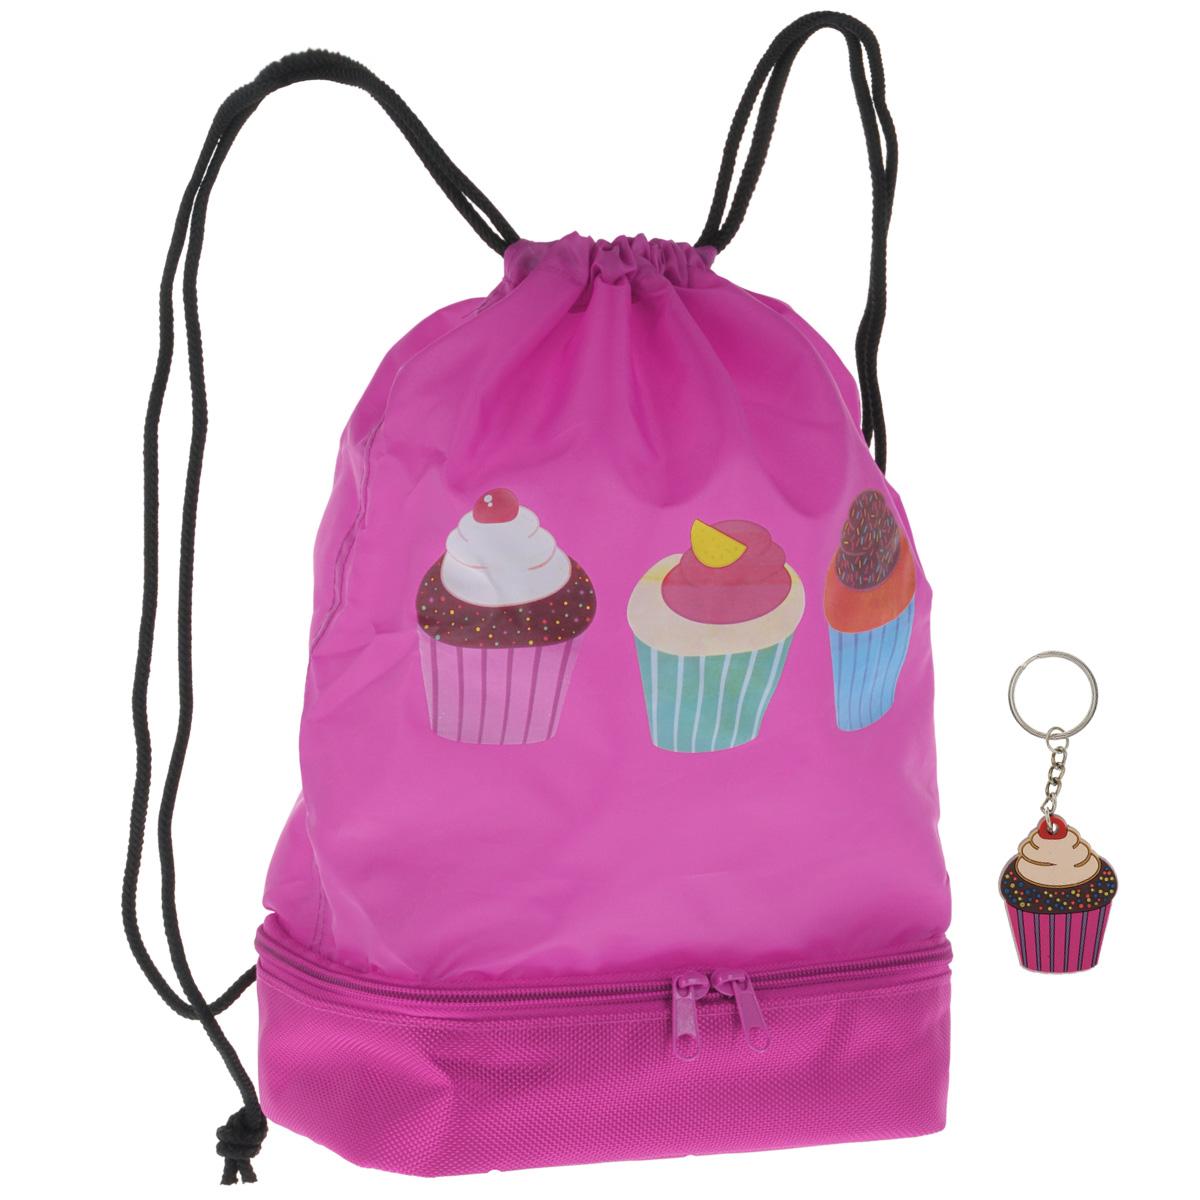 Рюкзак-термоланчбокс Iris Barcelona Snack Rico, цвет: розовый9927-TMВ рюкзаке Iris Barcelona Snack Rico два-в-одном найдется и место для целого обеда, который соберет заботливая мама, и место для всего, что может понадобиться в любой момент: халата или пижамы, свитера, дождевика, книжек, пенала и многого другого! Нижнее изотермическое отделение обладает большой вместительностью и позволяет взять с собой бутерброды, фрукты и разные сладости, а благодаря специальному сетчатому кармашку ребенок не забудет воспользоваться салфеткой.Можно носить как обычный рюкзак. Благодаря регулировке шнурков, можно выбрать наиболее удобную длину. В комплект входит подарок - забавный брелок для ключей из коллекции Snack Rico.